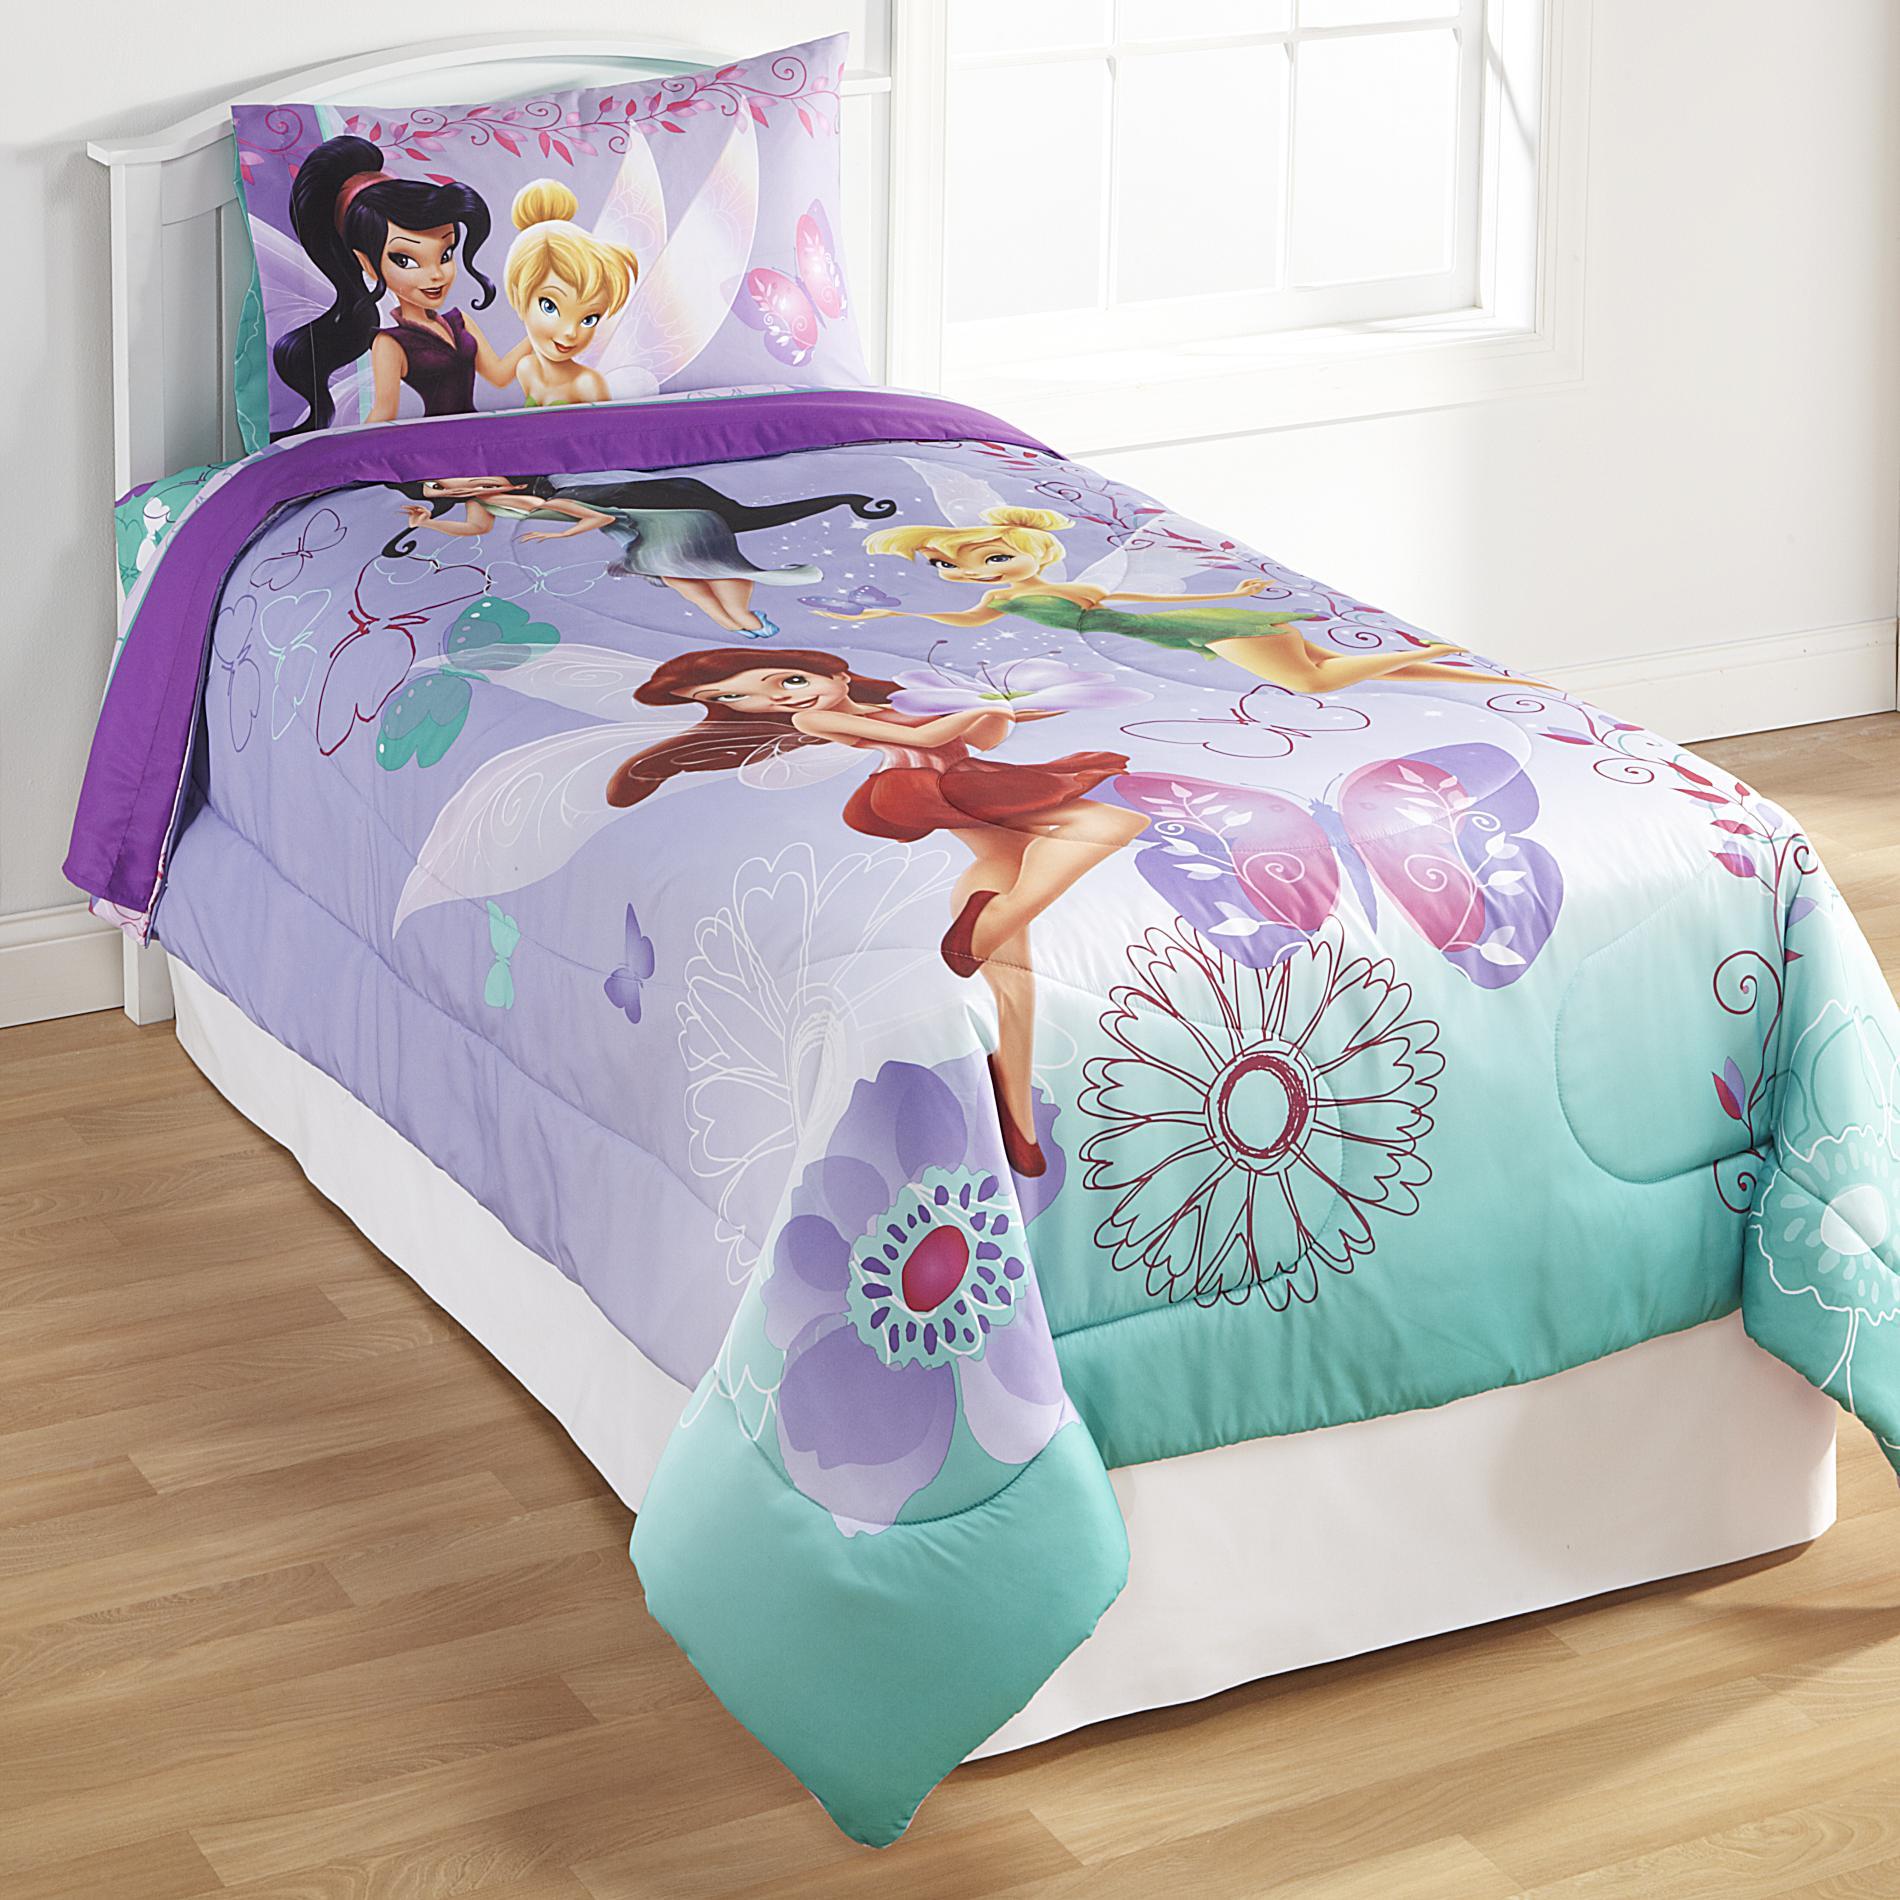 Baby Girl Bedroom Wallpaper Disney Fairies Twin Full Comforter